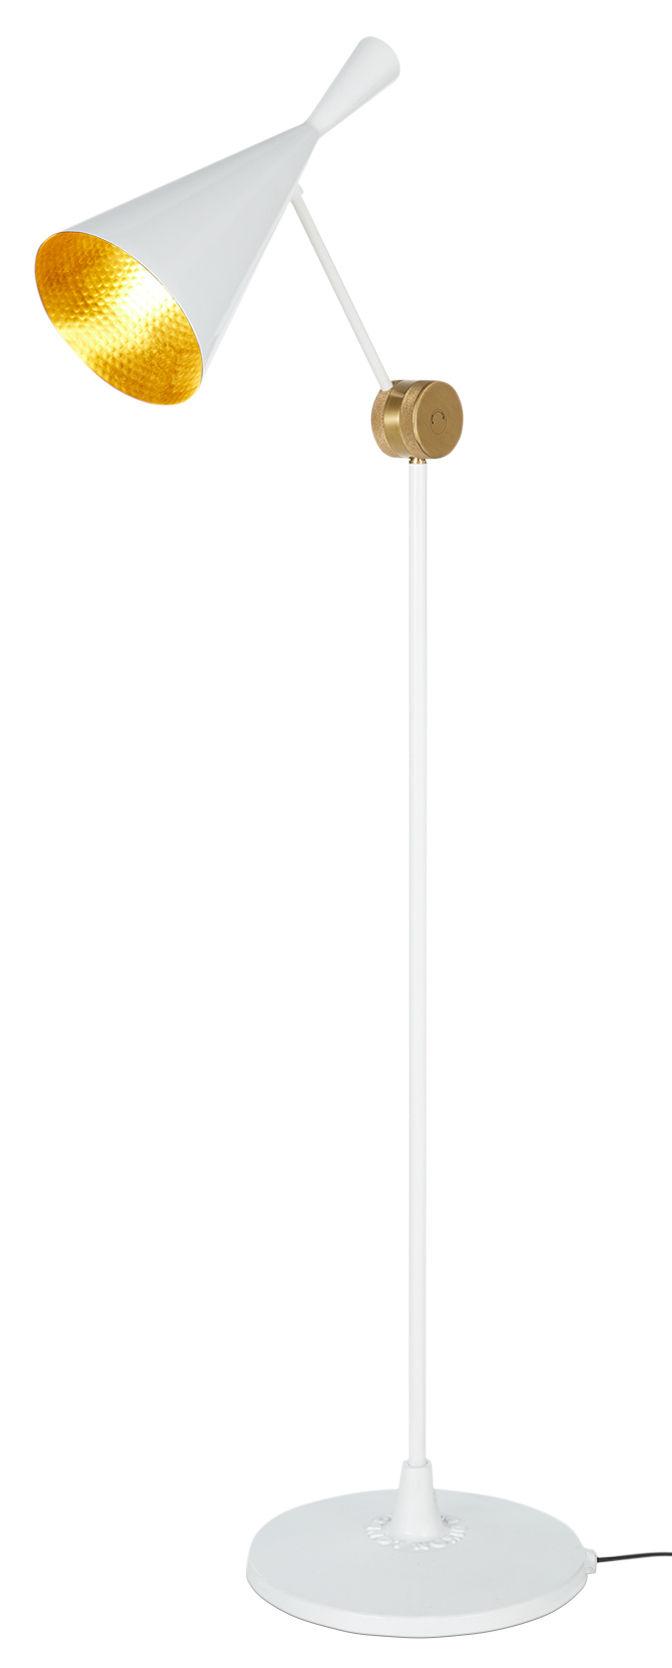 Luminaire - Lampadaires - Lampadaire Beat / H 157 cm - Tom Dixon - Blanc brillant - Fonte, Laiton